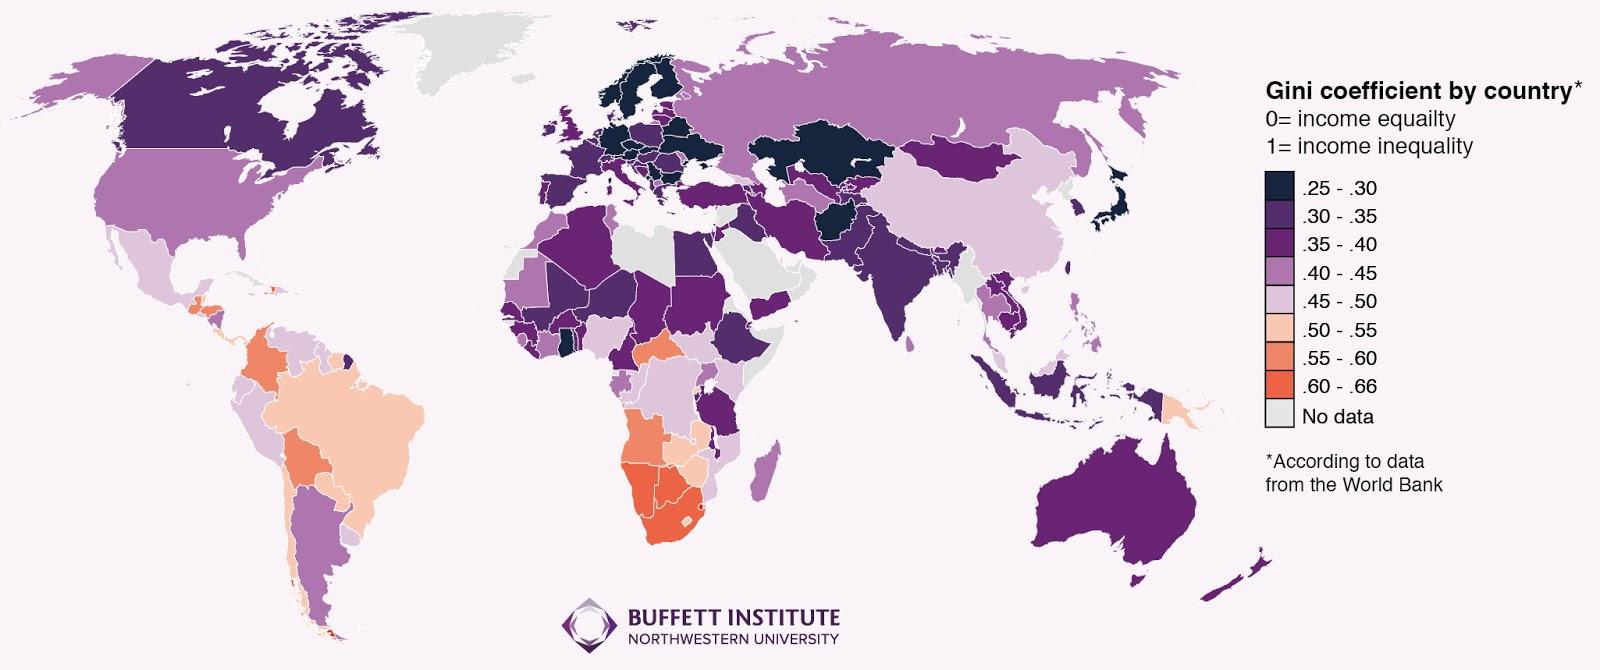 Mappa della disuguaglianza nel mondo